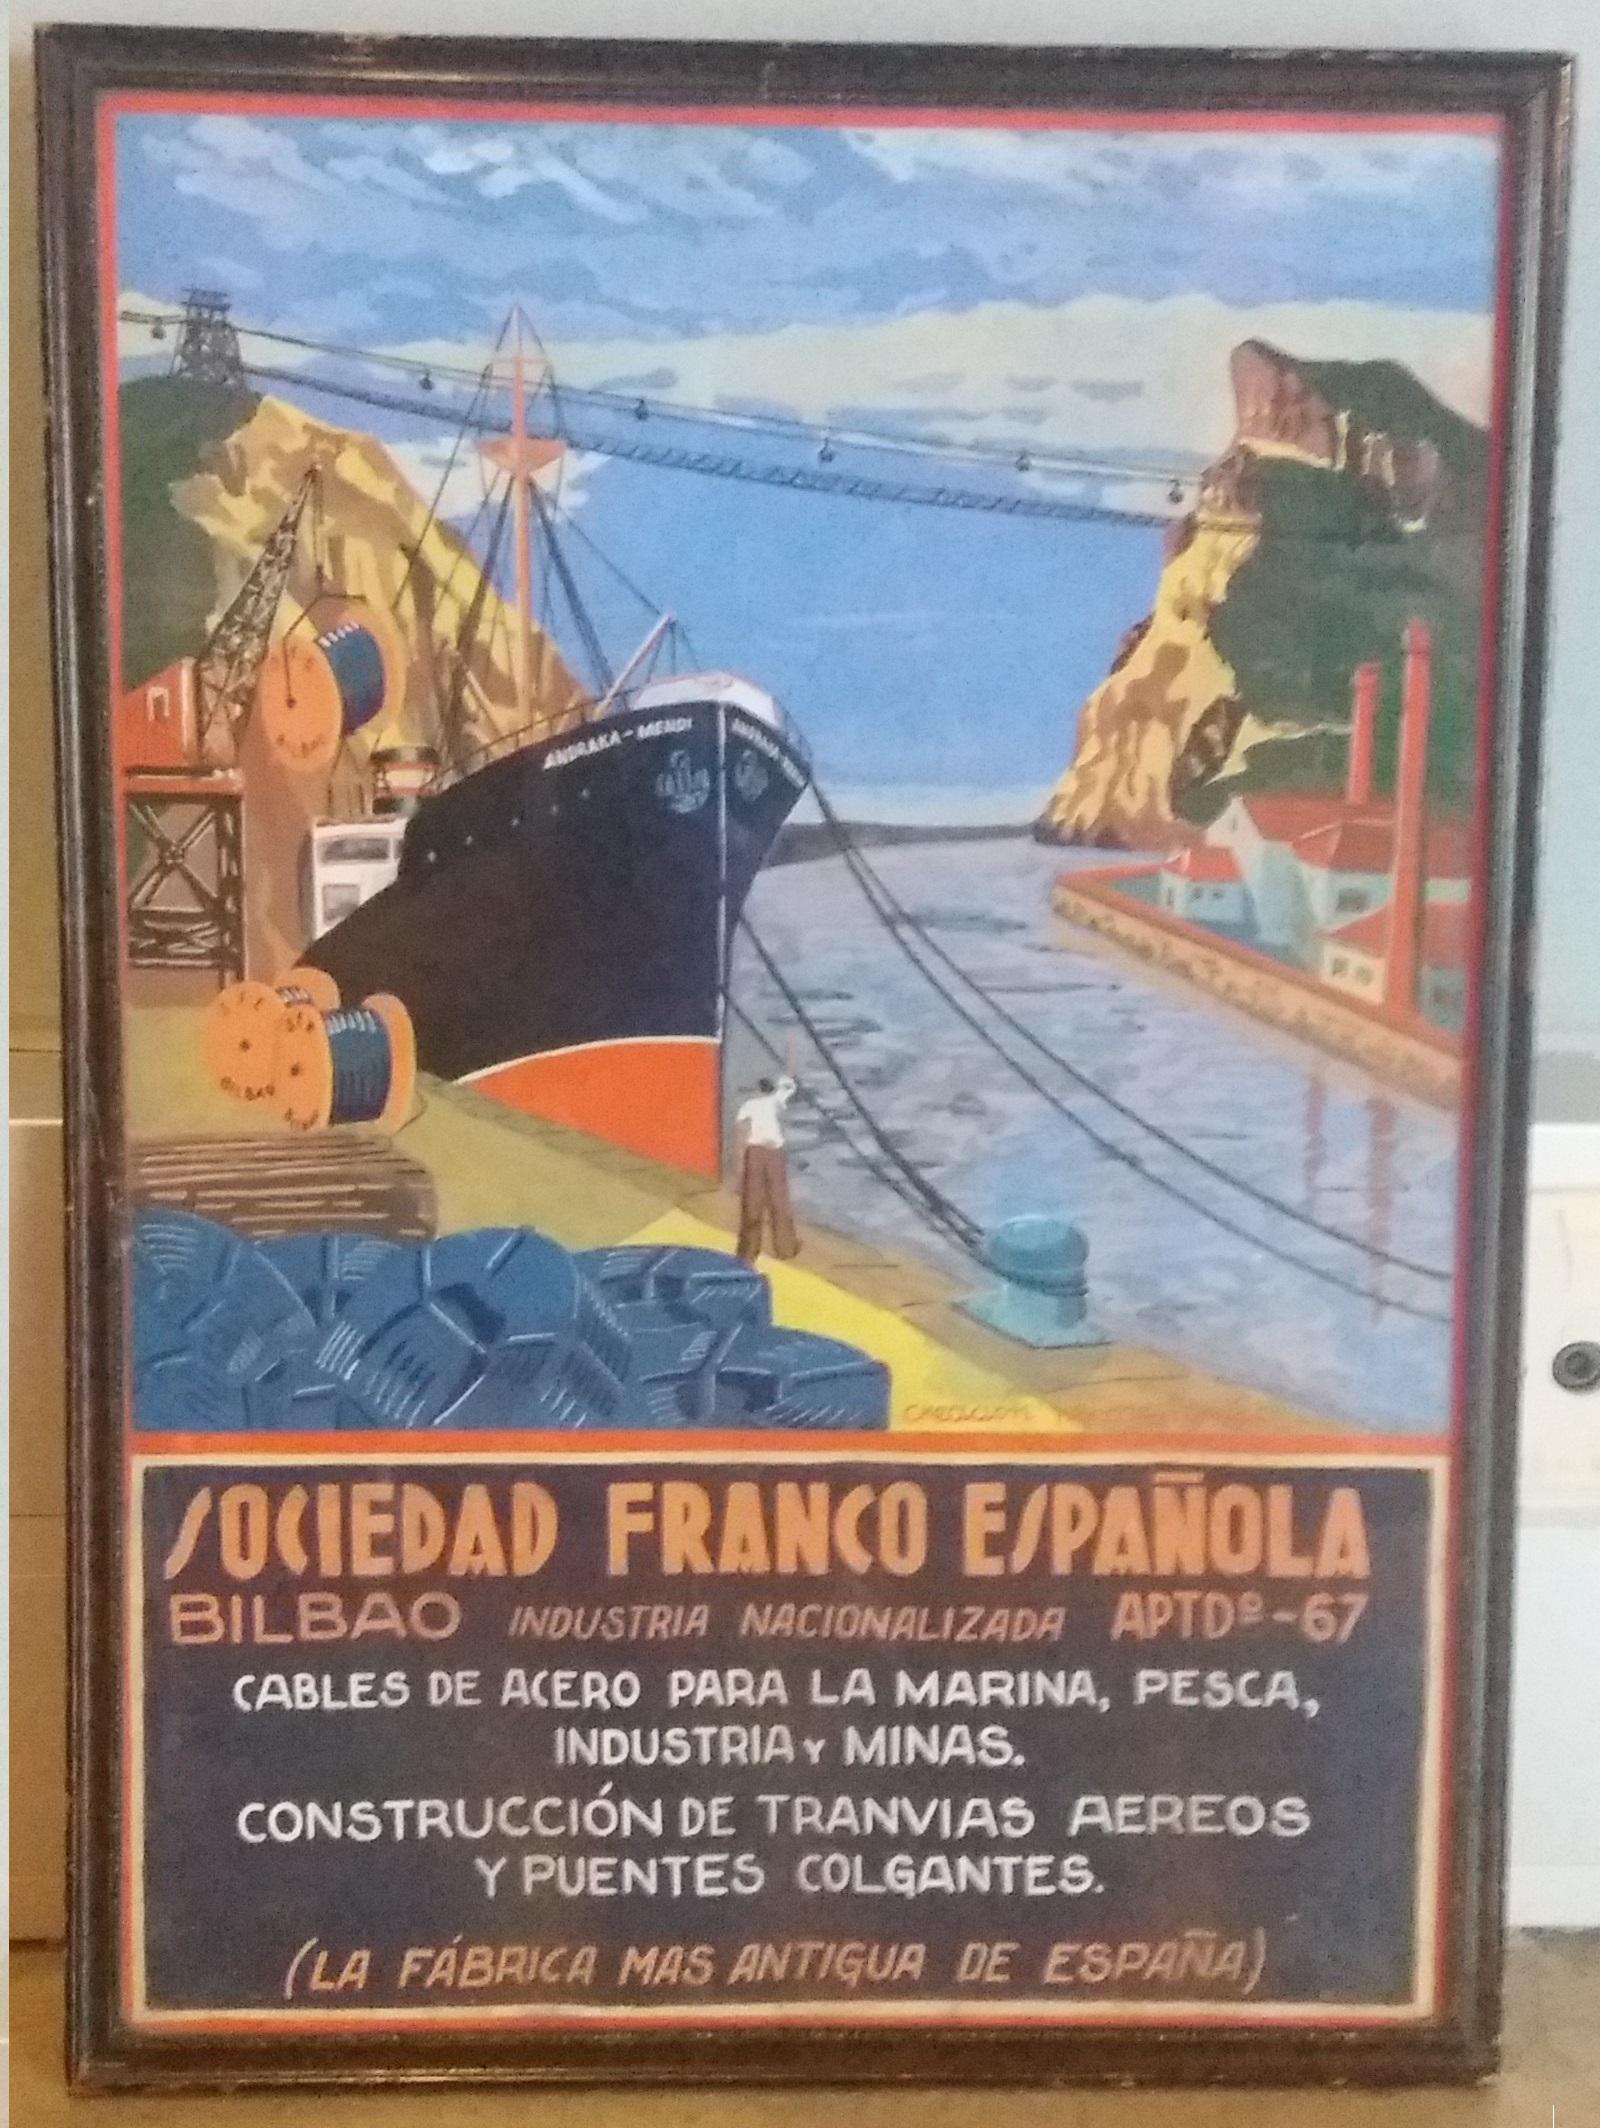 Sociedad Franco Española